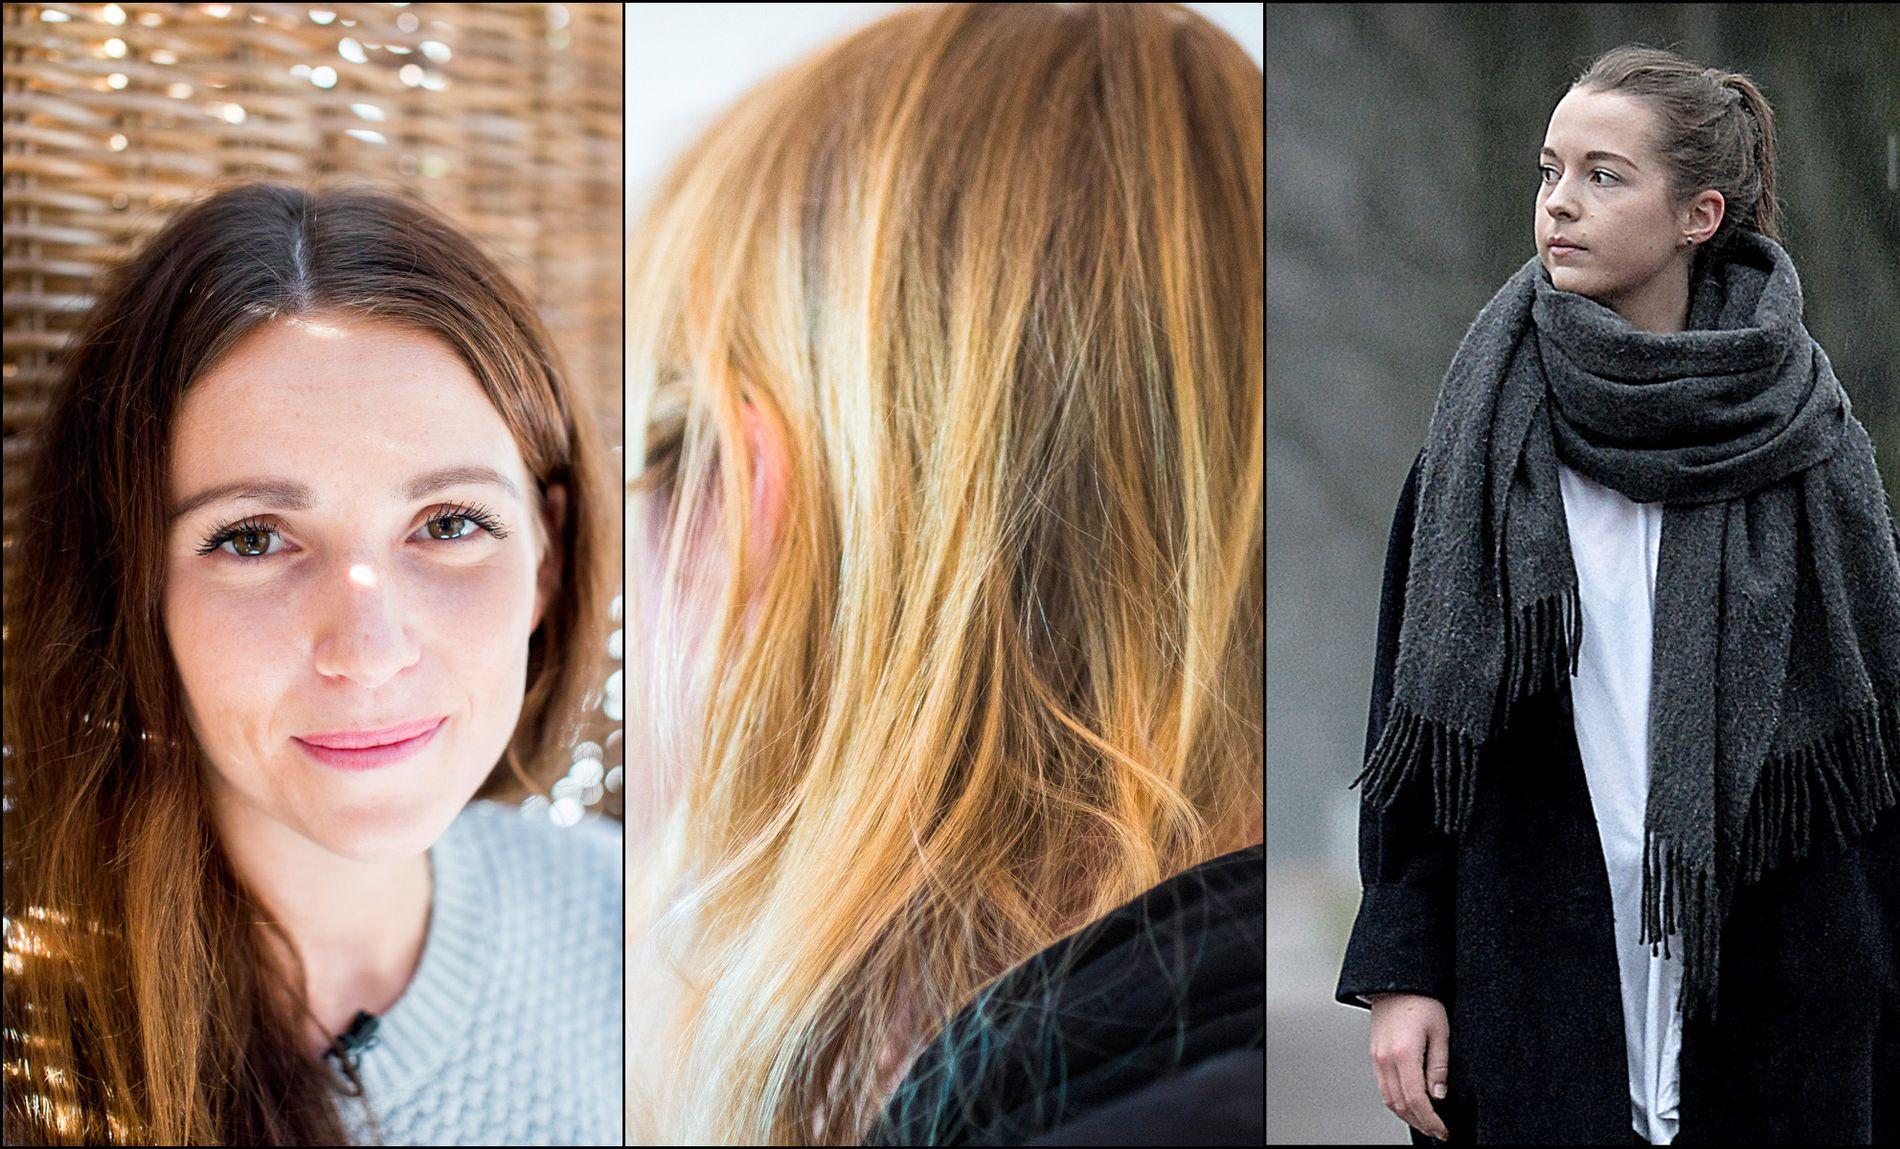 ÅPENHET: De tre kvinnene, Natalie Simensen (t.v.) og Eline Skår (t.h.), har delt sin erfaring fra psykisk helsevern. og hvor inngripende og alvorlig det er å bli utsatt for mekaniske tvangsmideler.